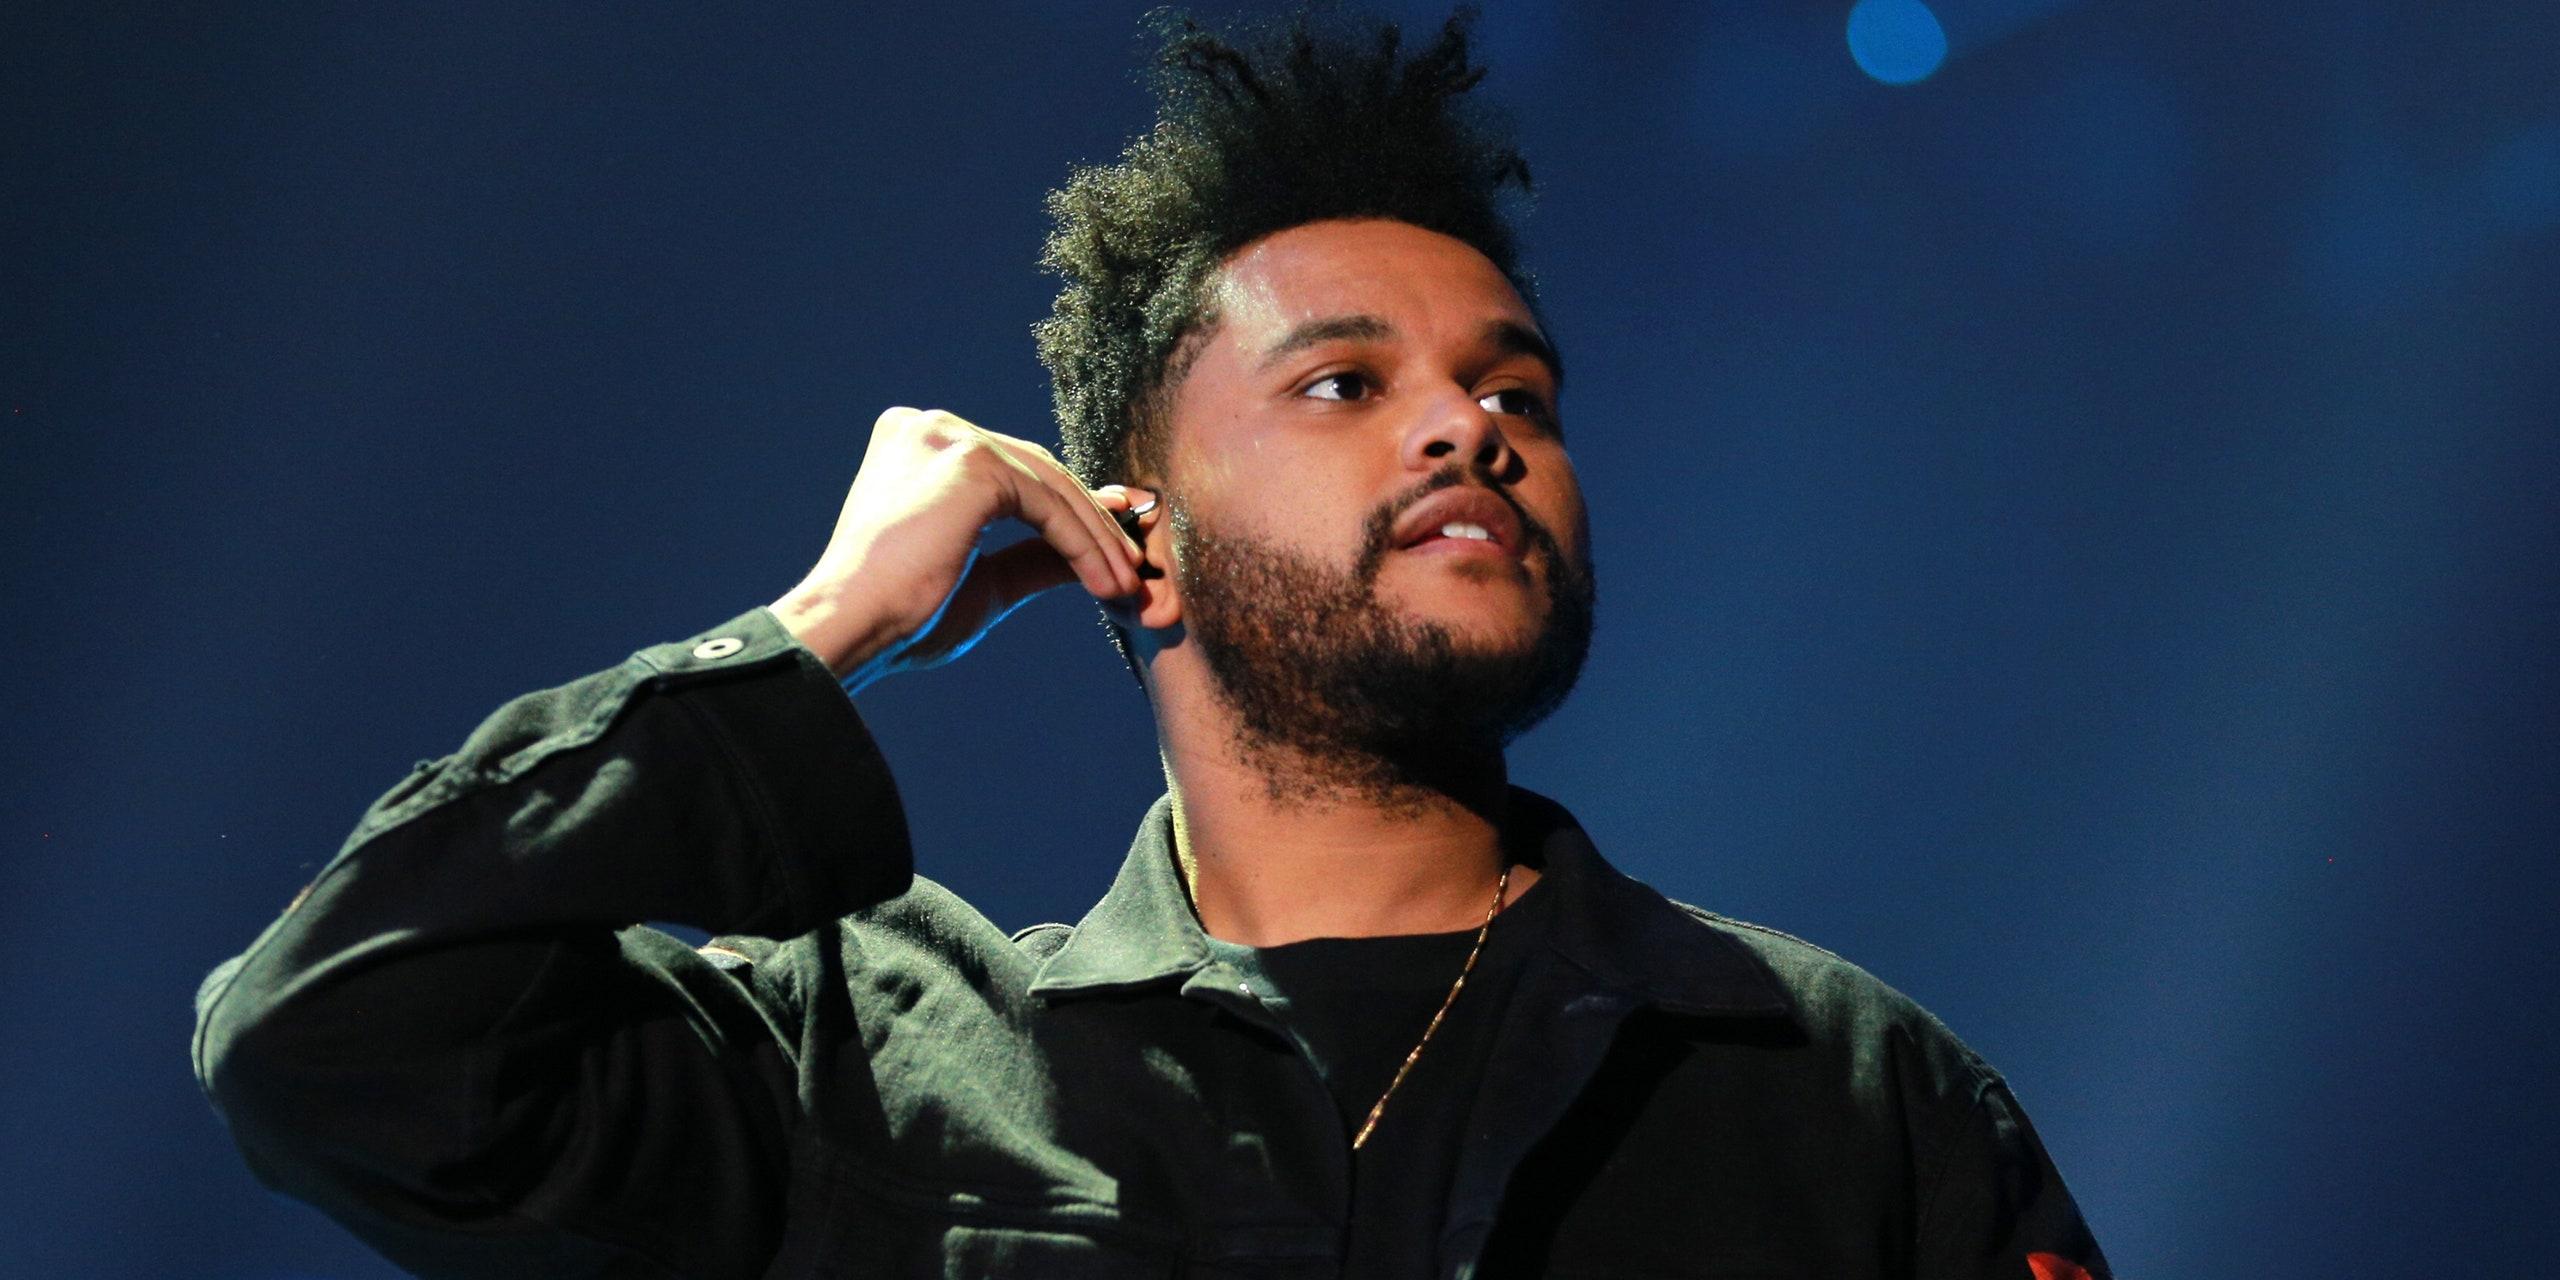 """U la në harresë nga """"Grammy"""", The Weeknd kryeson me 16 nominime në eventin e rëndësishëm"""